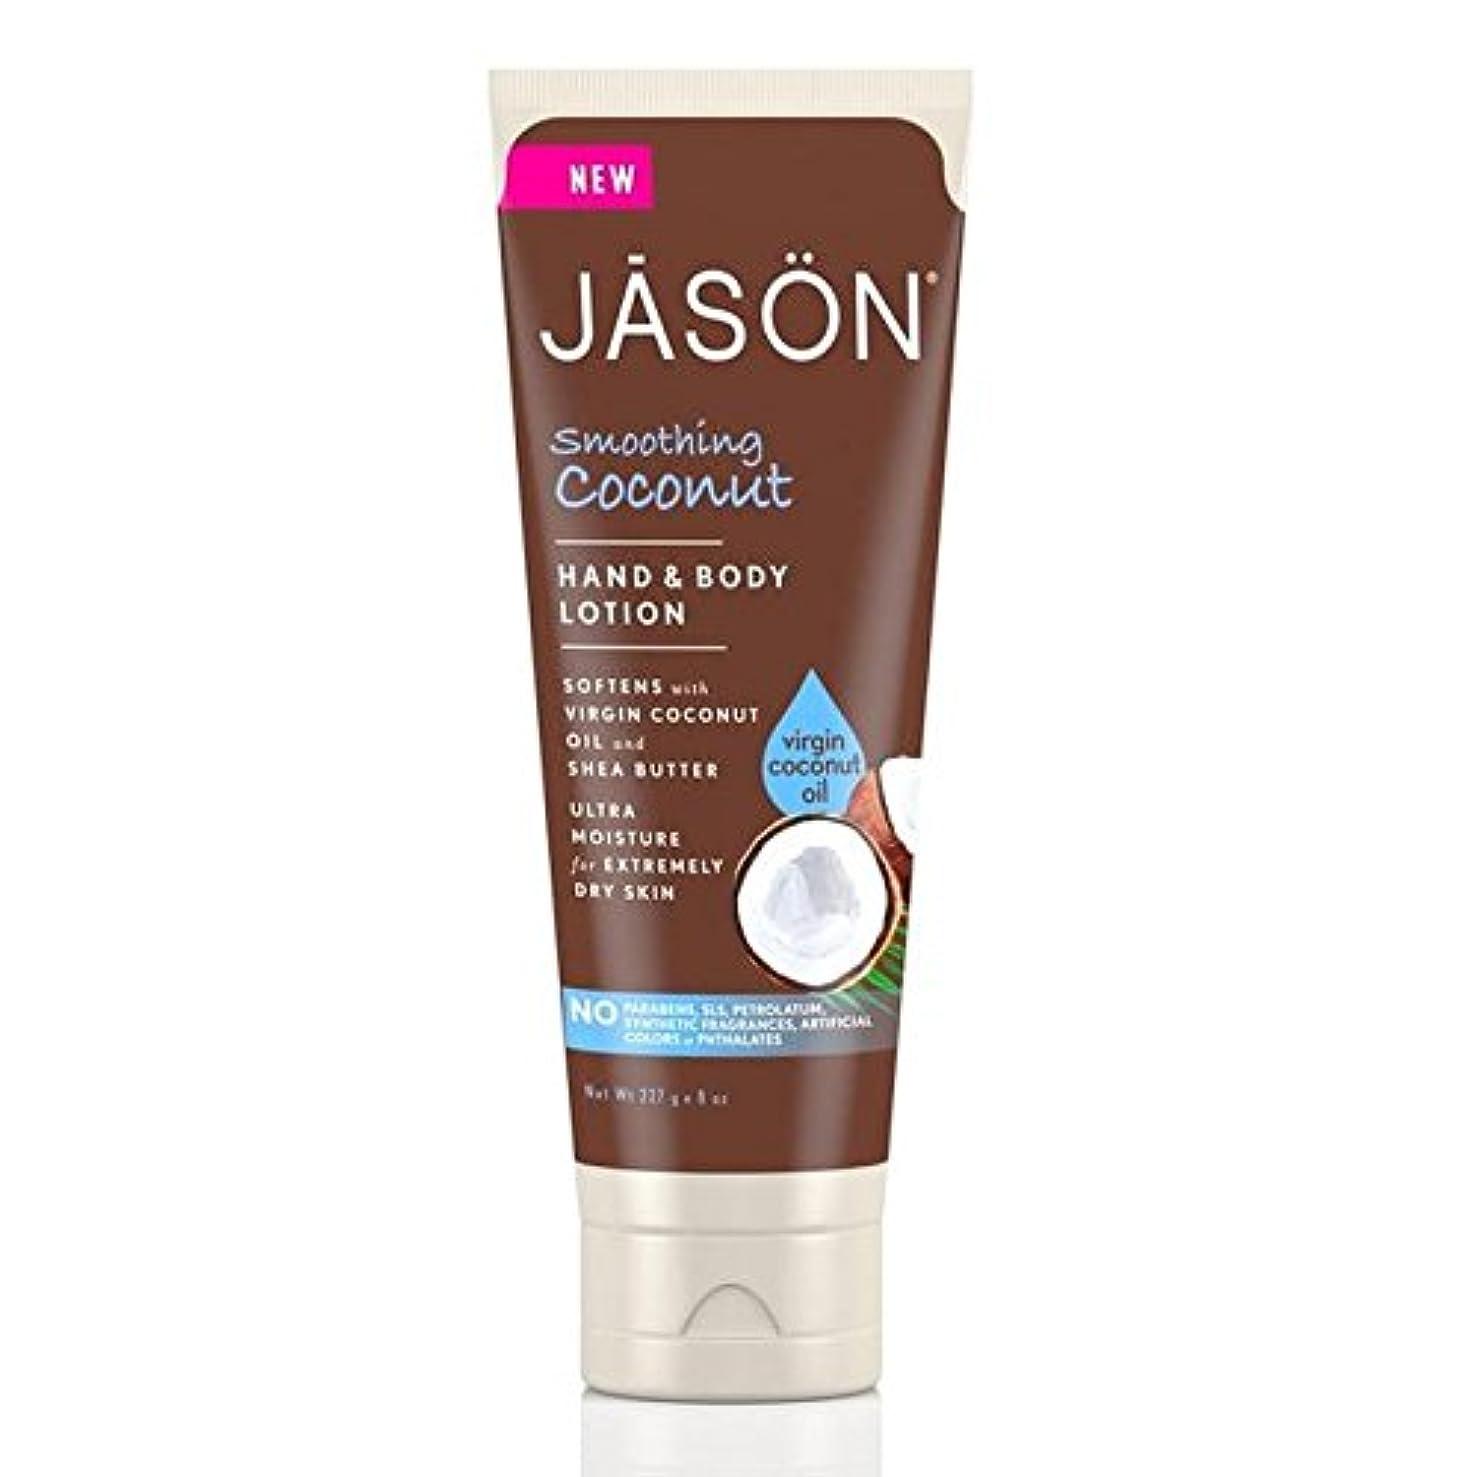 気分天才帳面Jason Coconut Hand & Body Lotion 227g - ジェイソン?ココナッツハンド&ボディローション227グラム [並行輸入品]